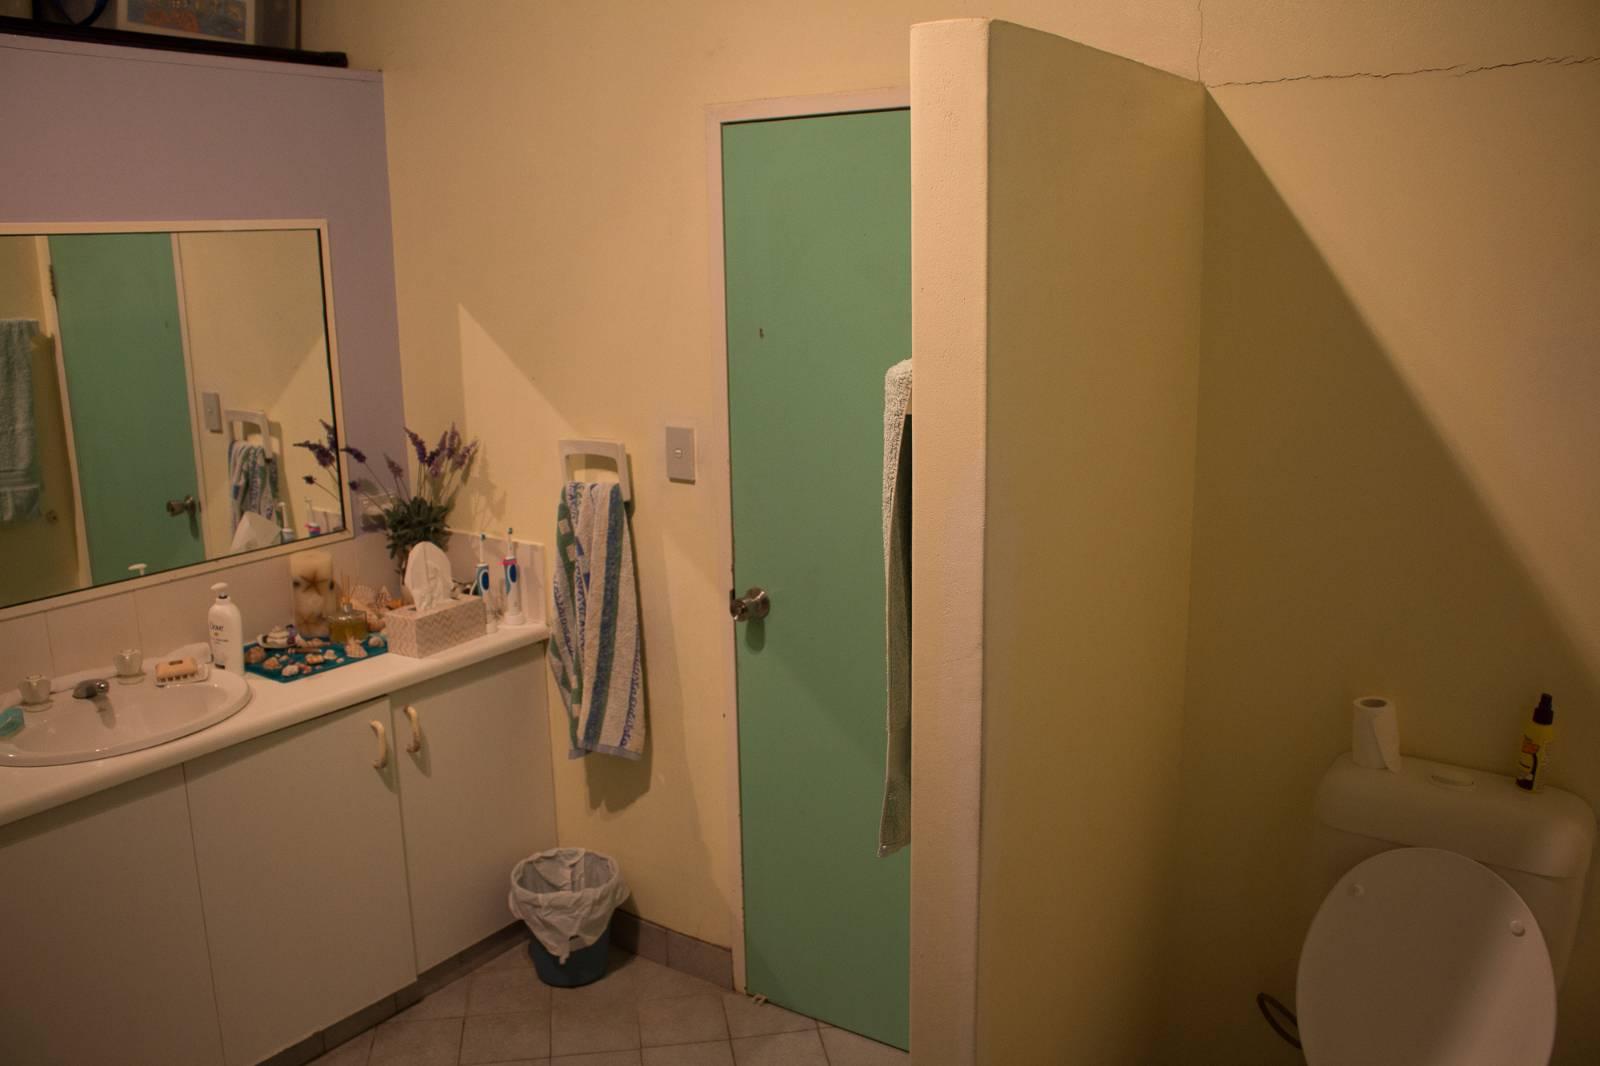 Ensuite bathroom door - required or not?